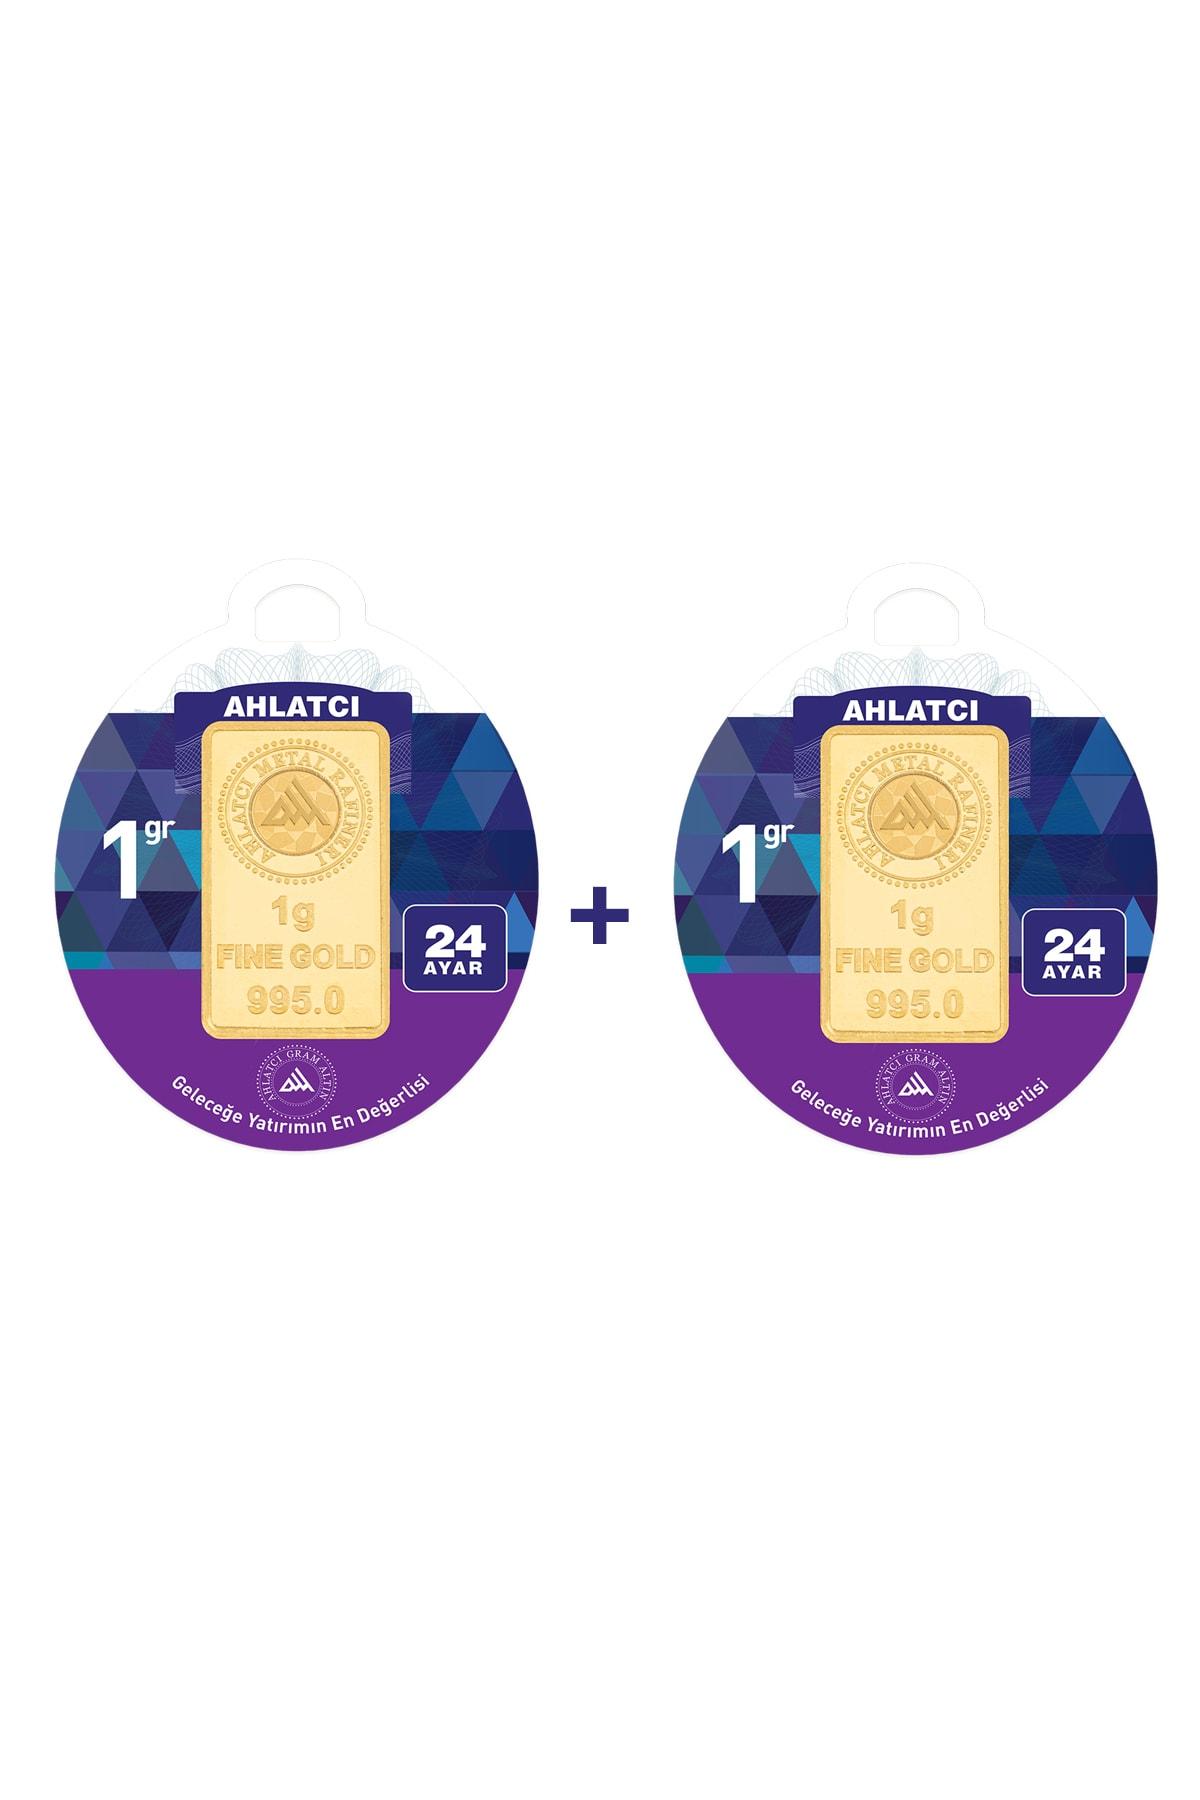 24 Ayar - 2 Gram Külçe Altın